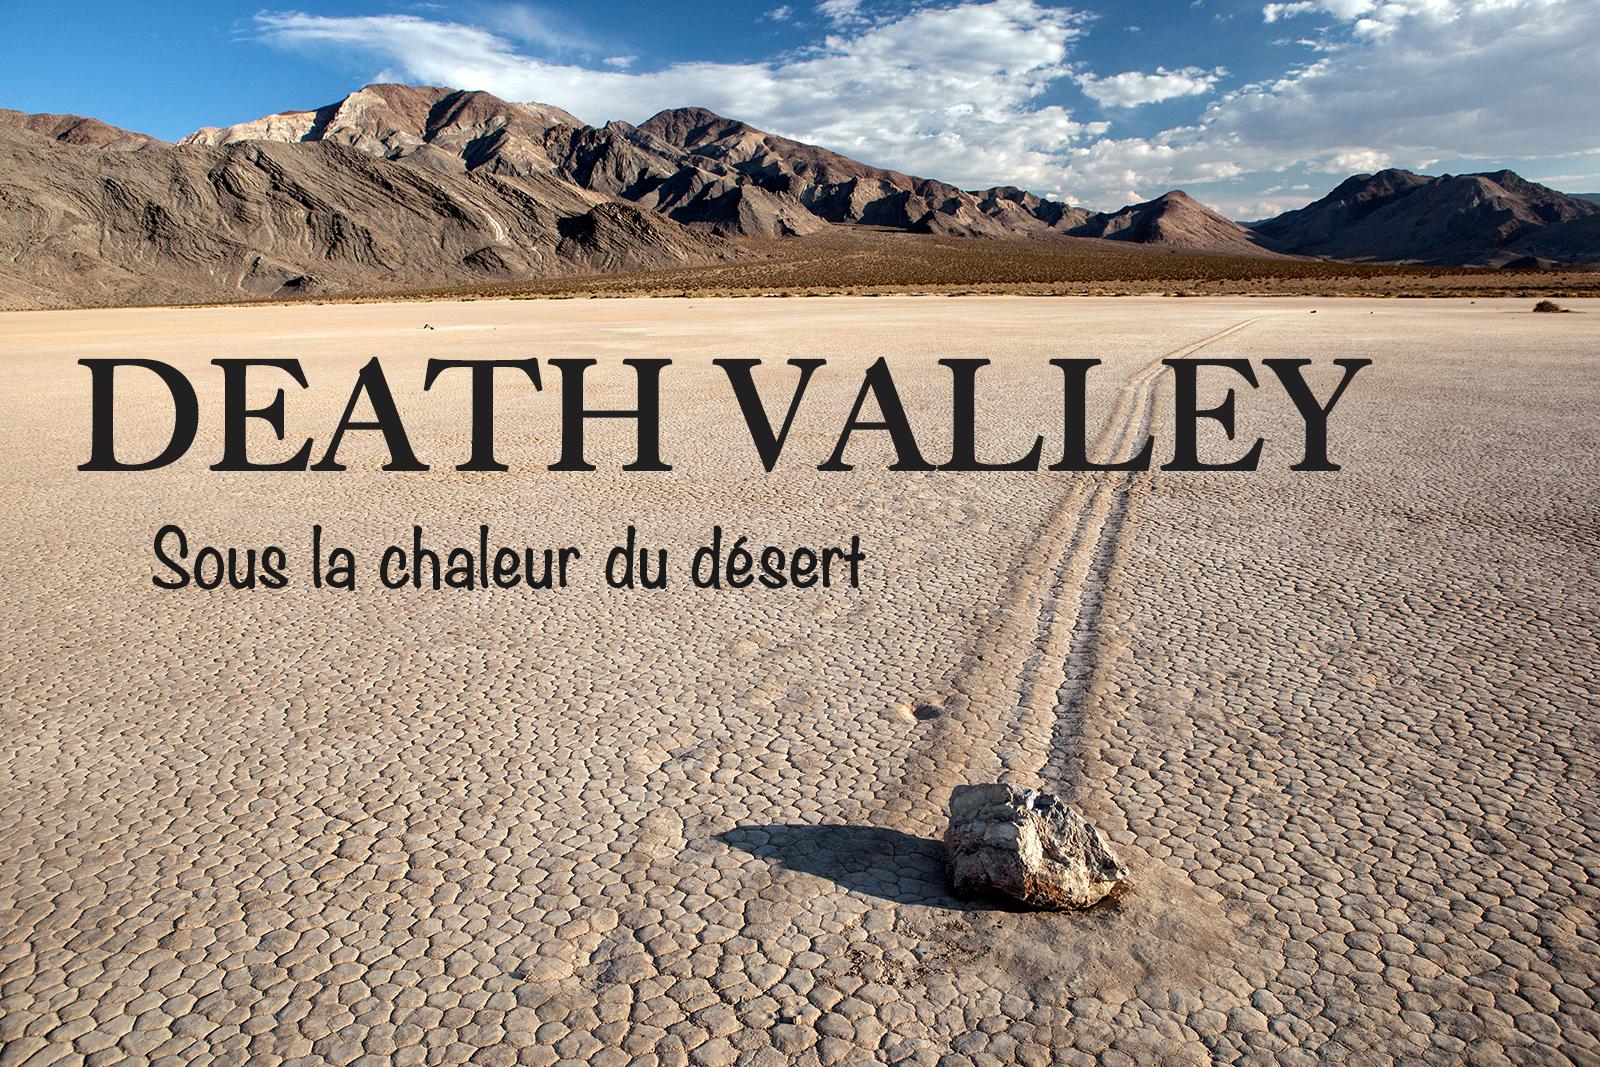 visiter la vallée de la mort en californie